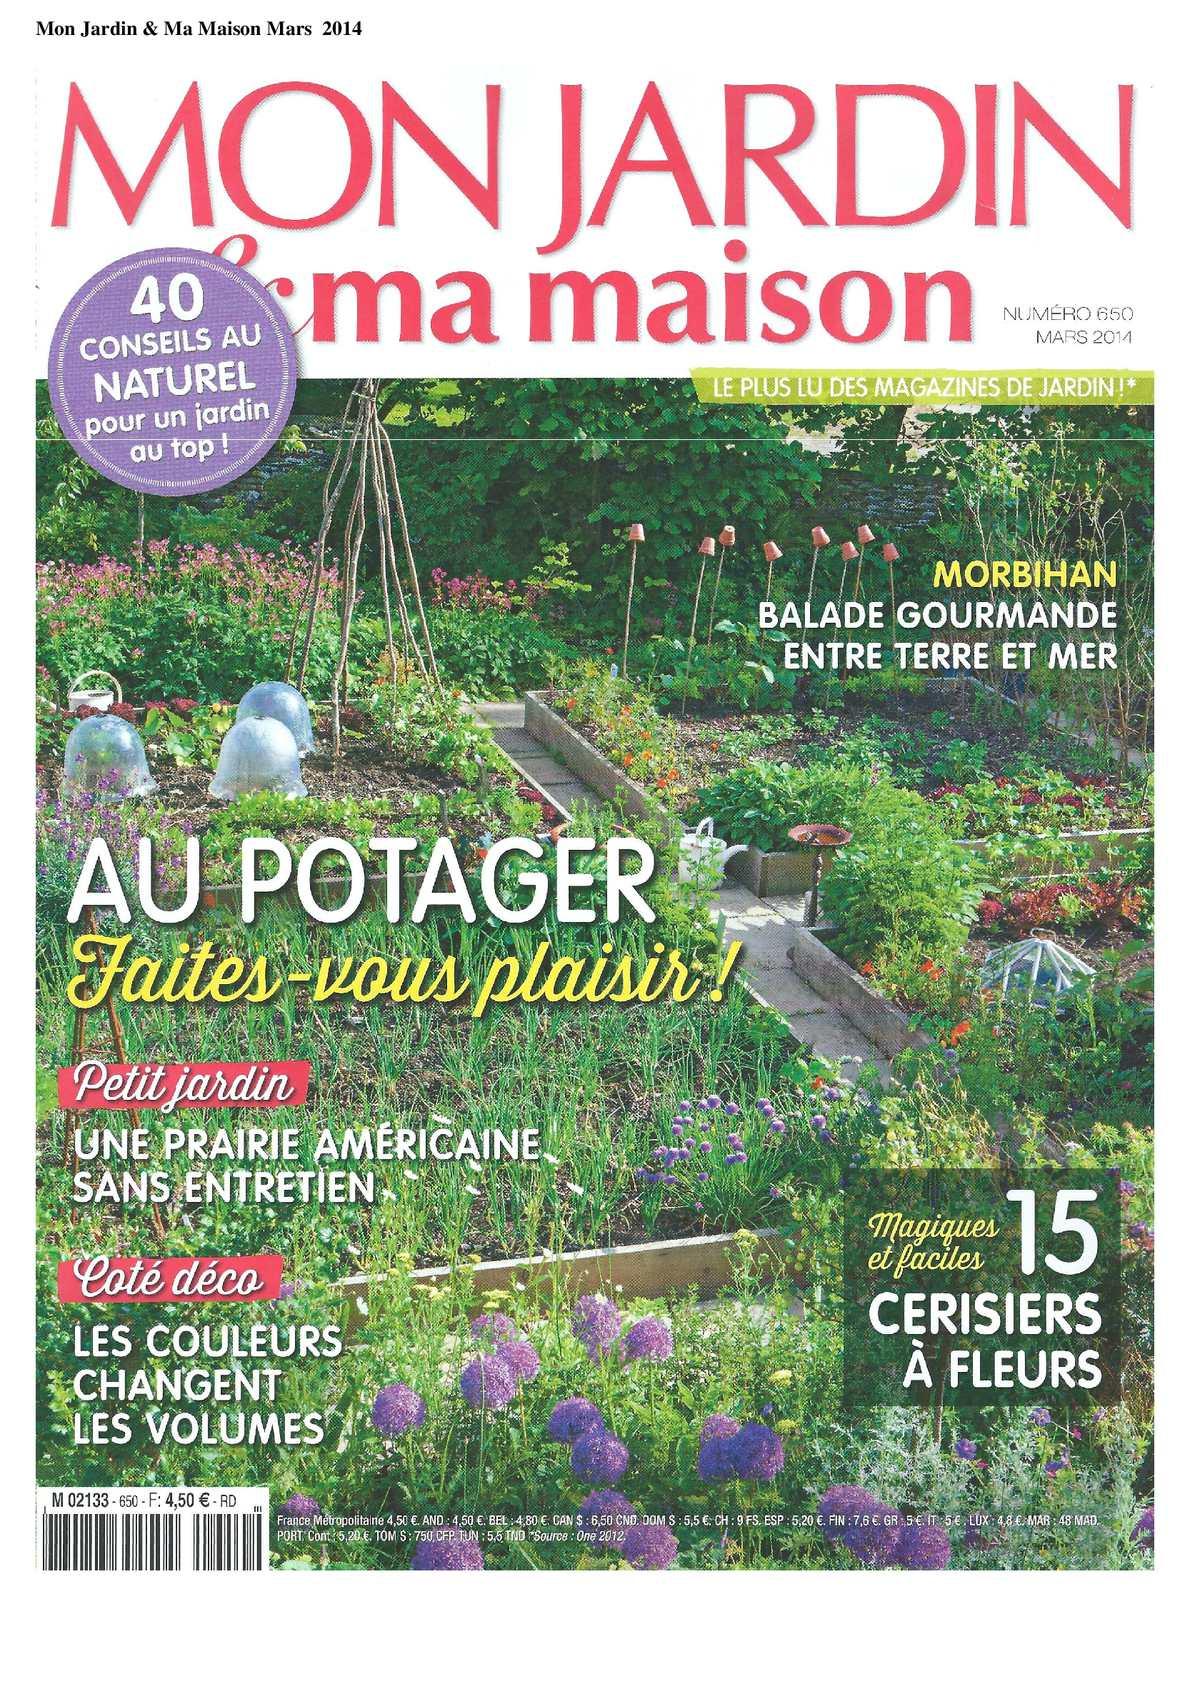 Calaméo - Mon Jardin Et Ma Maison - Février 2014 concernant Magazine Mon Jardin Et Ma Maison